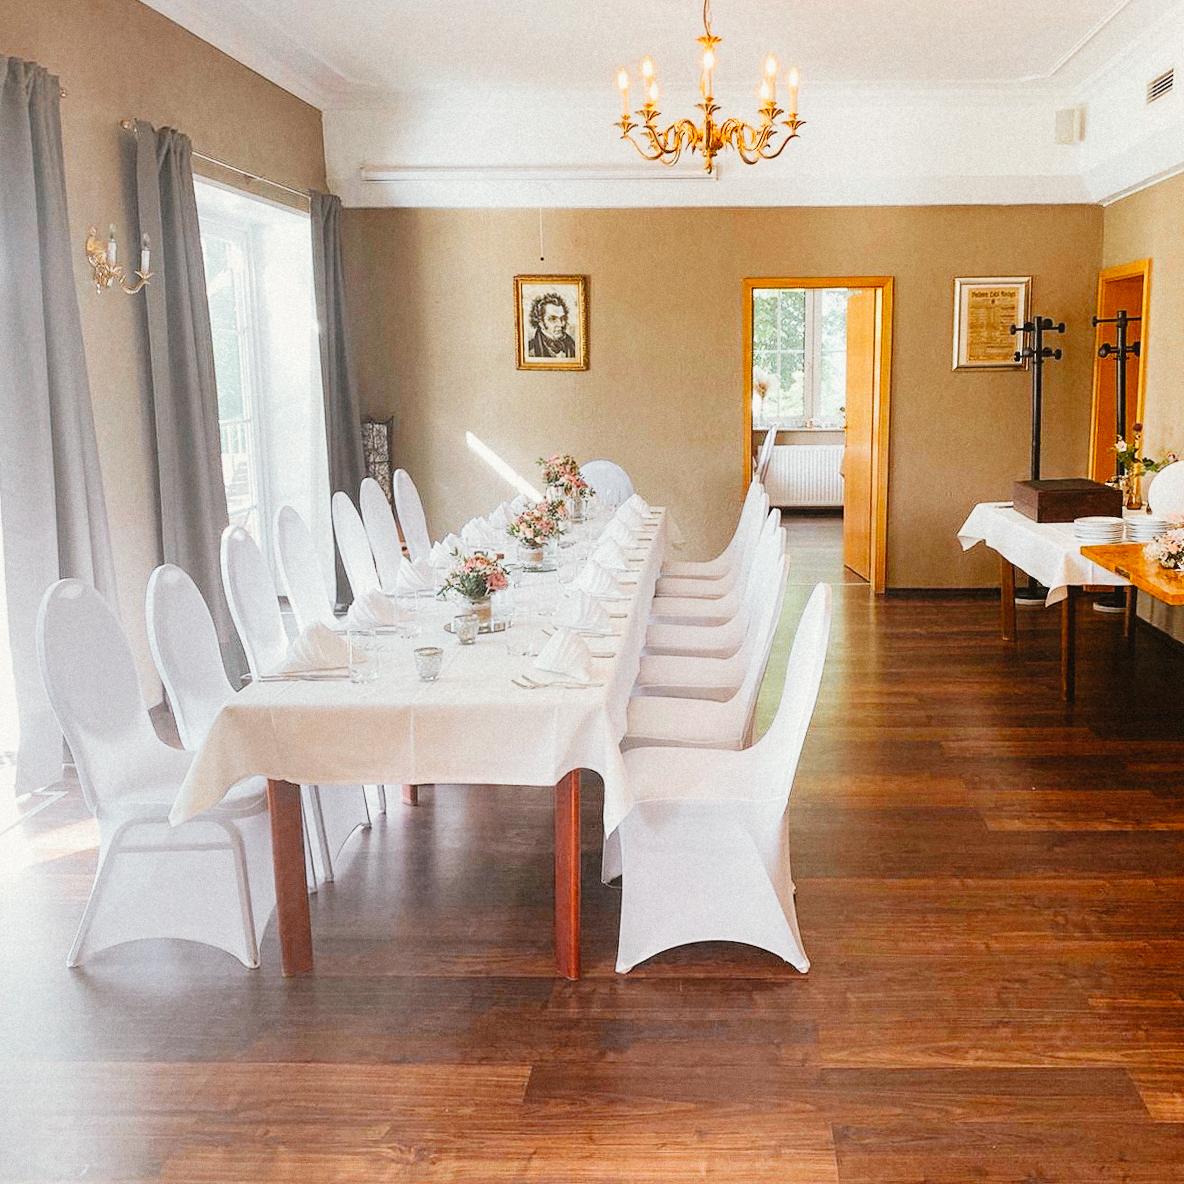 impressionen buckow strandhotel vier jahreszeiten ort buckow restaurant bg